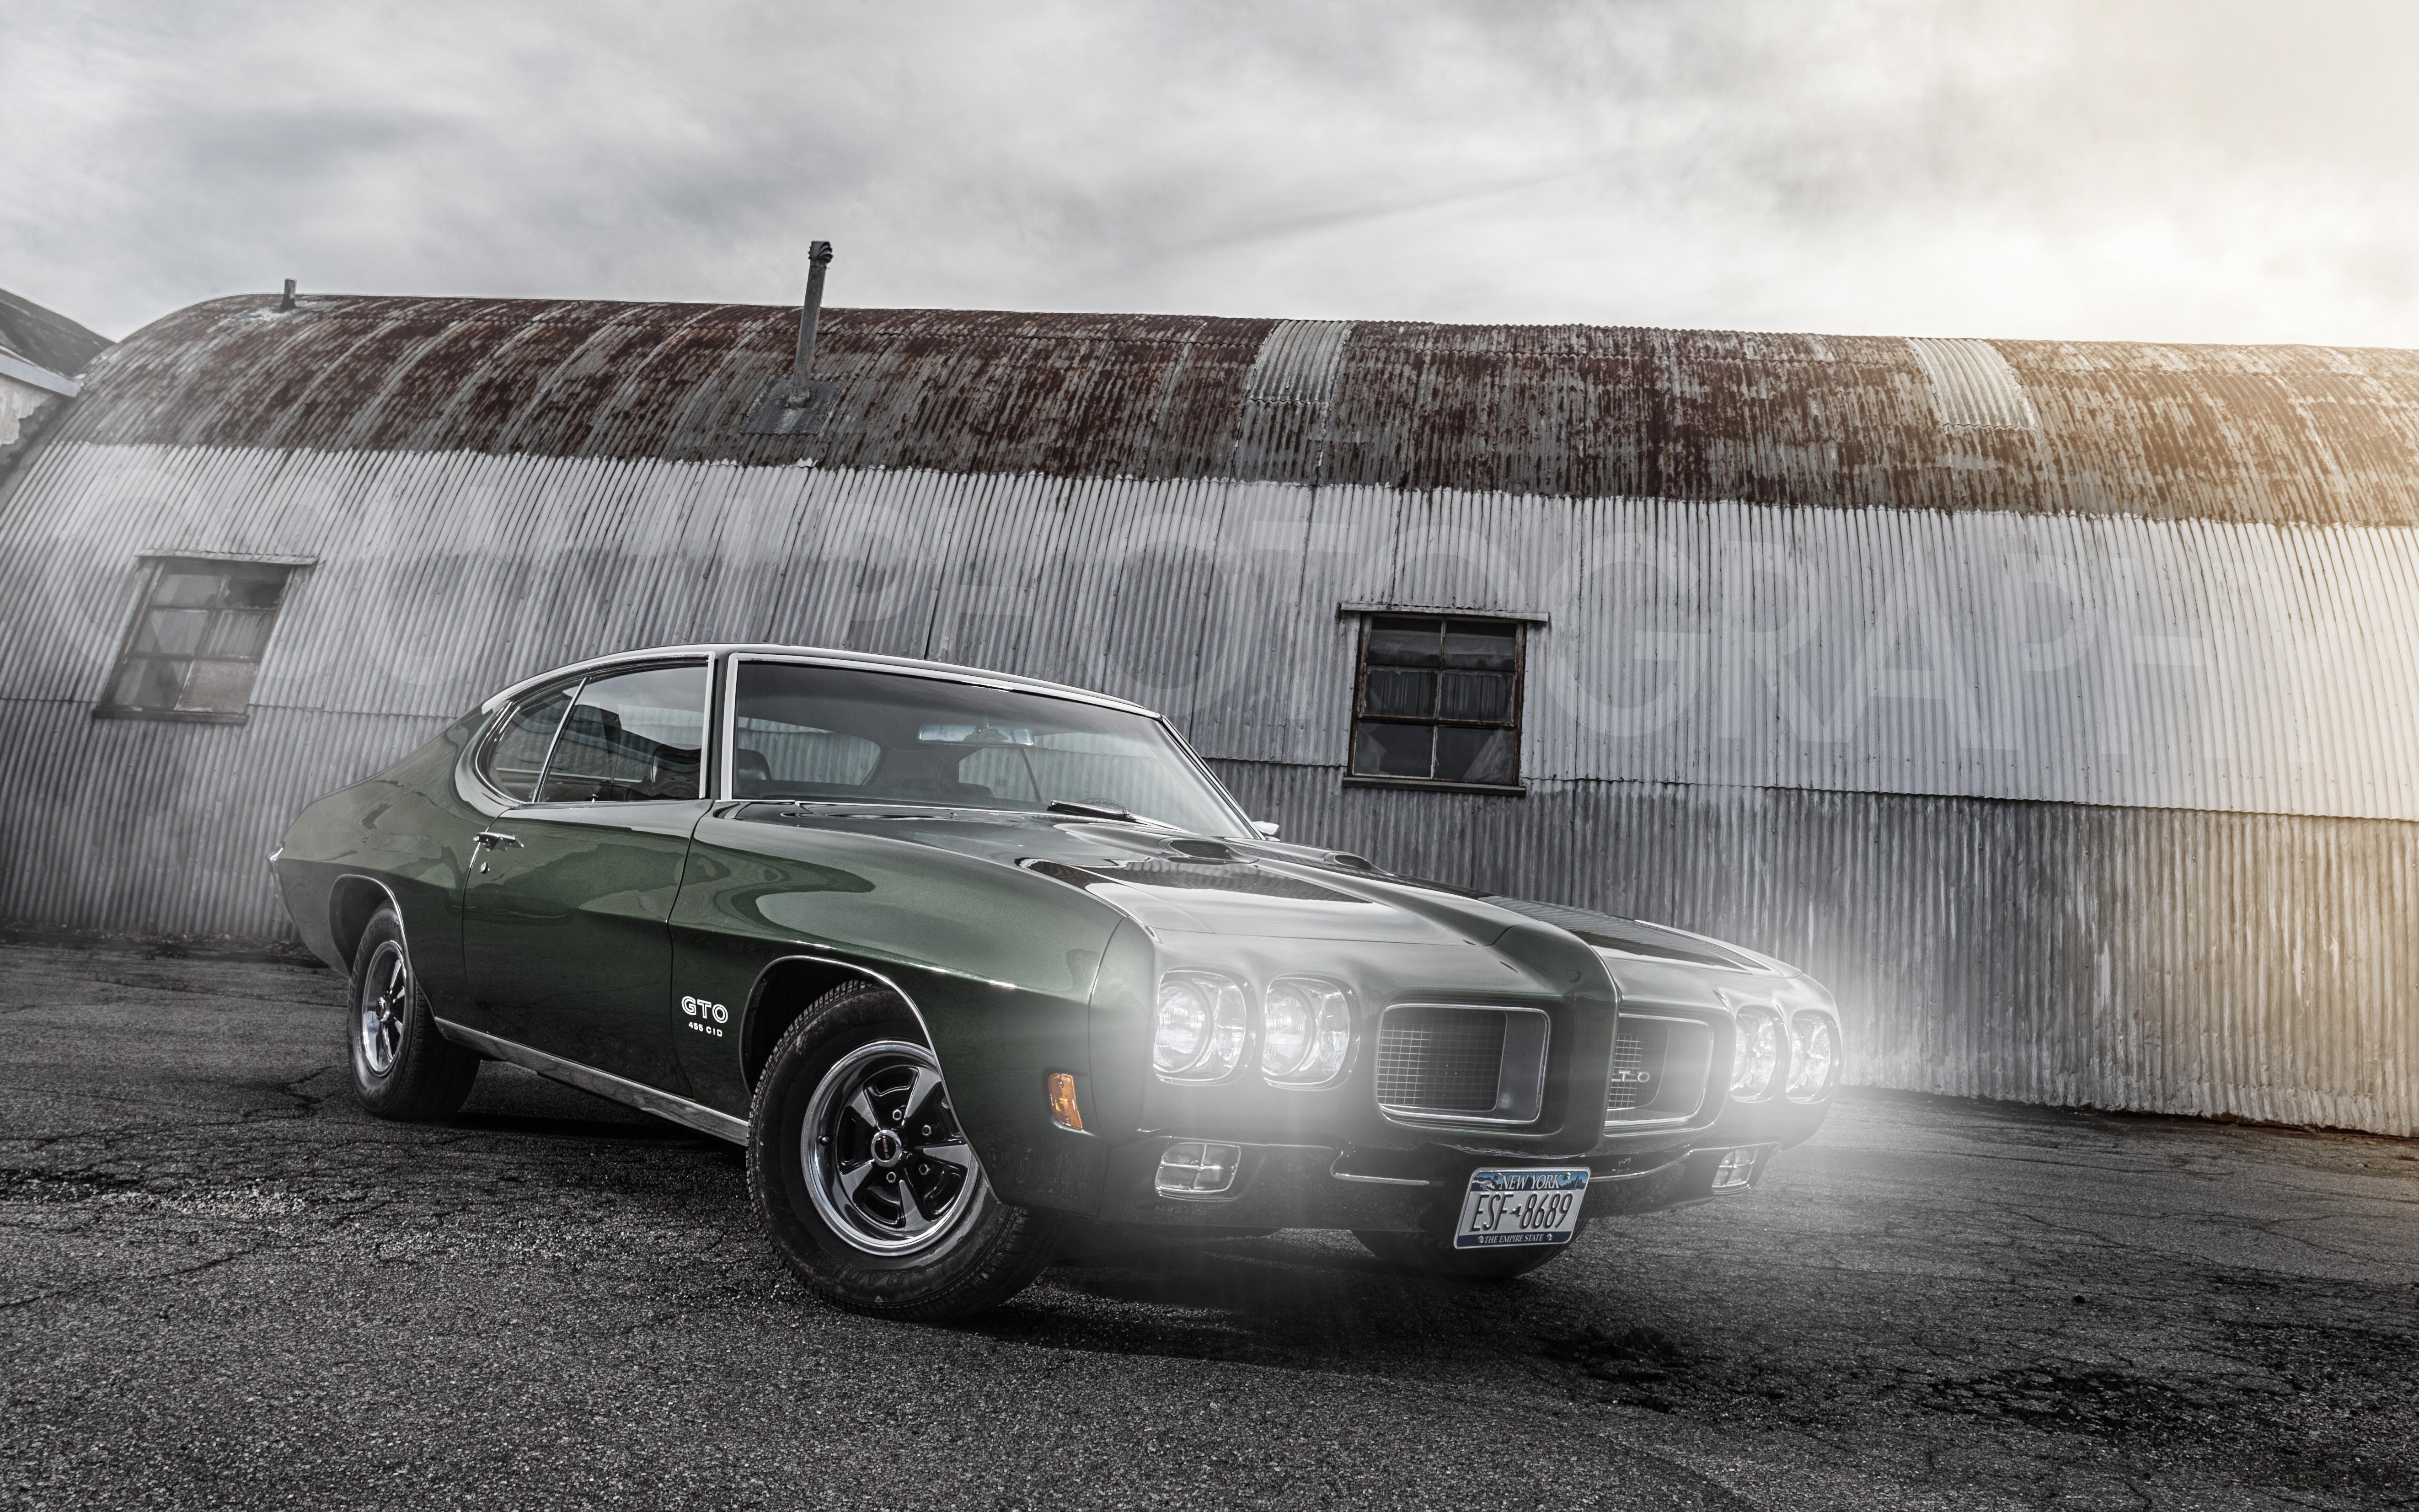 Pontiac GTO by axds